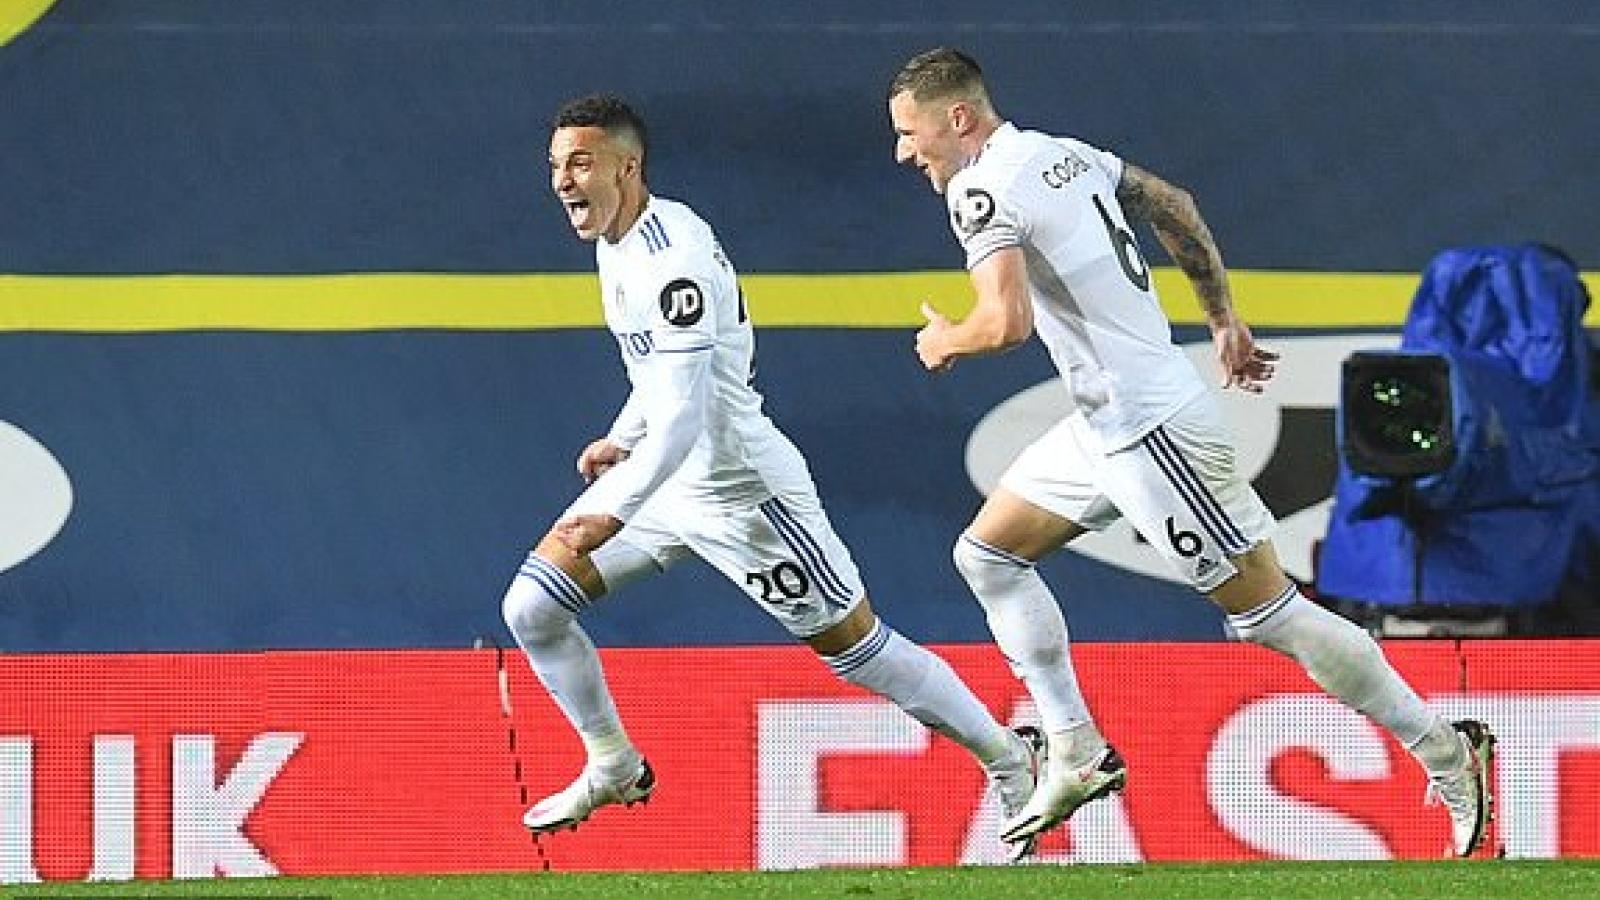 TRỰC TIẾP Leeds 1 - 1 Man City: Khi gió đổi chiều